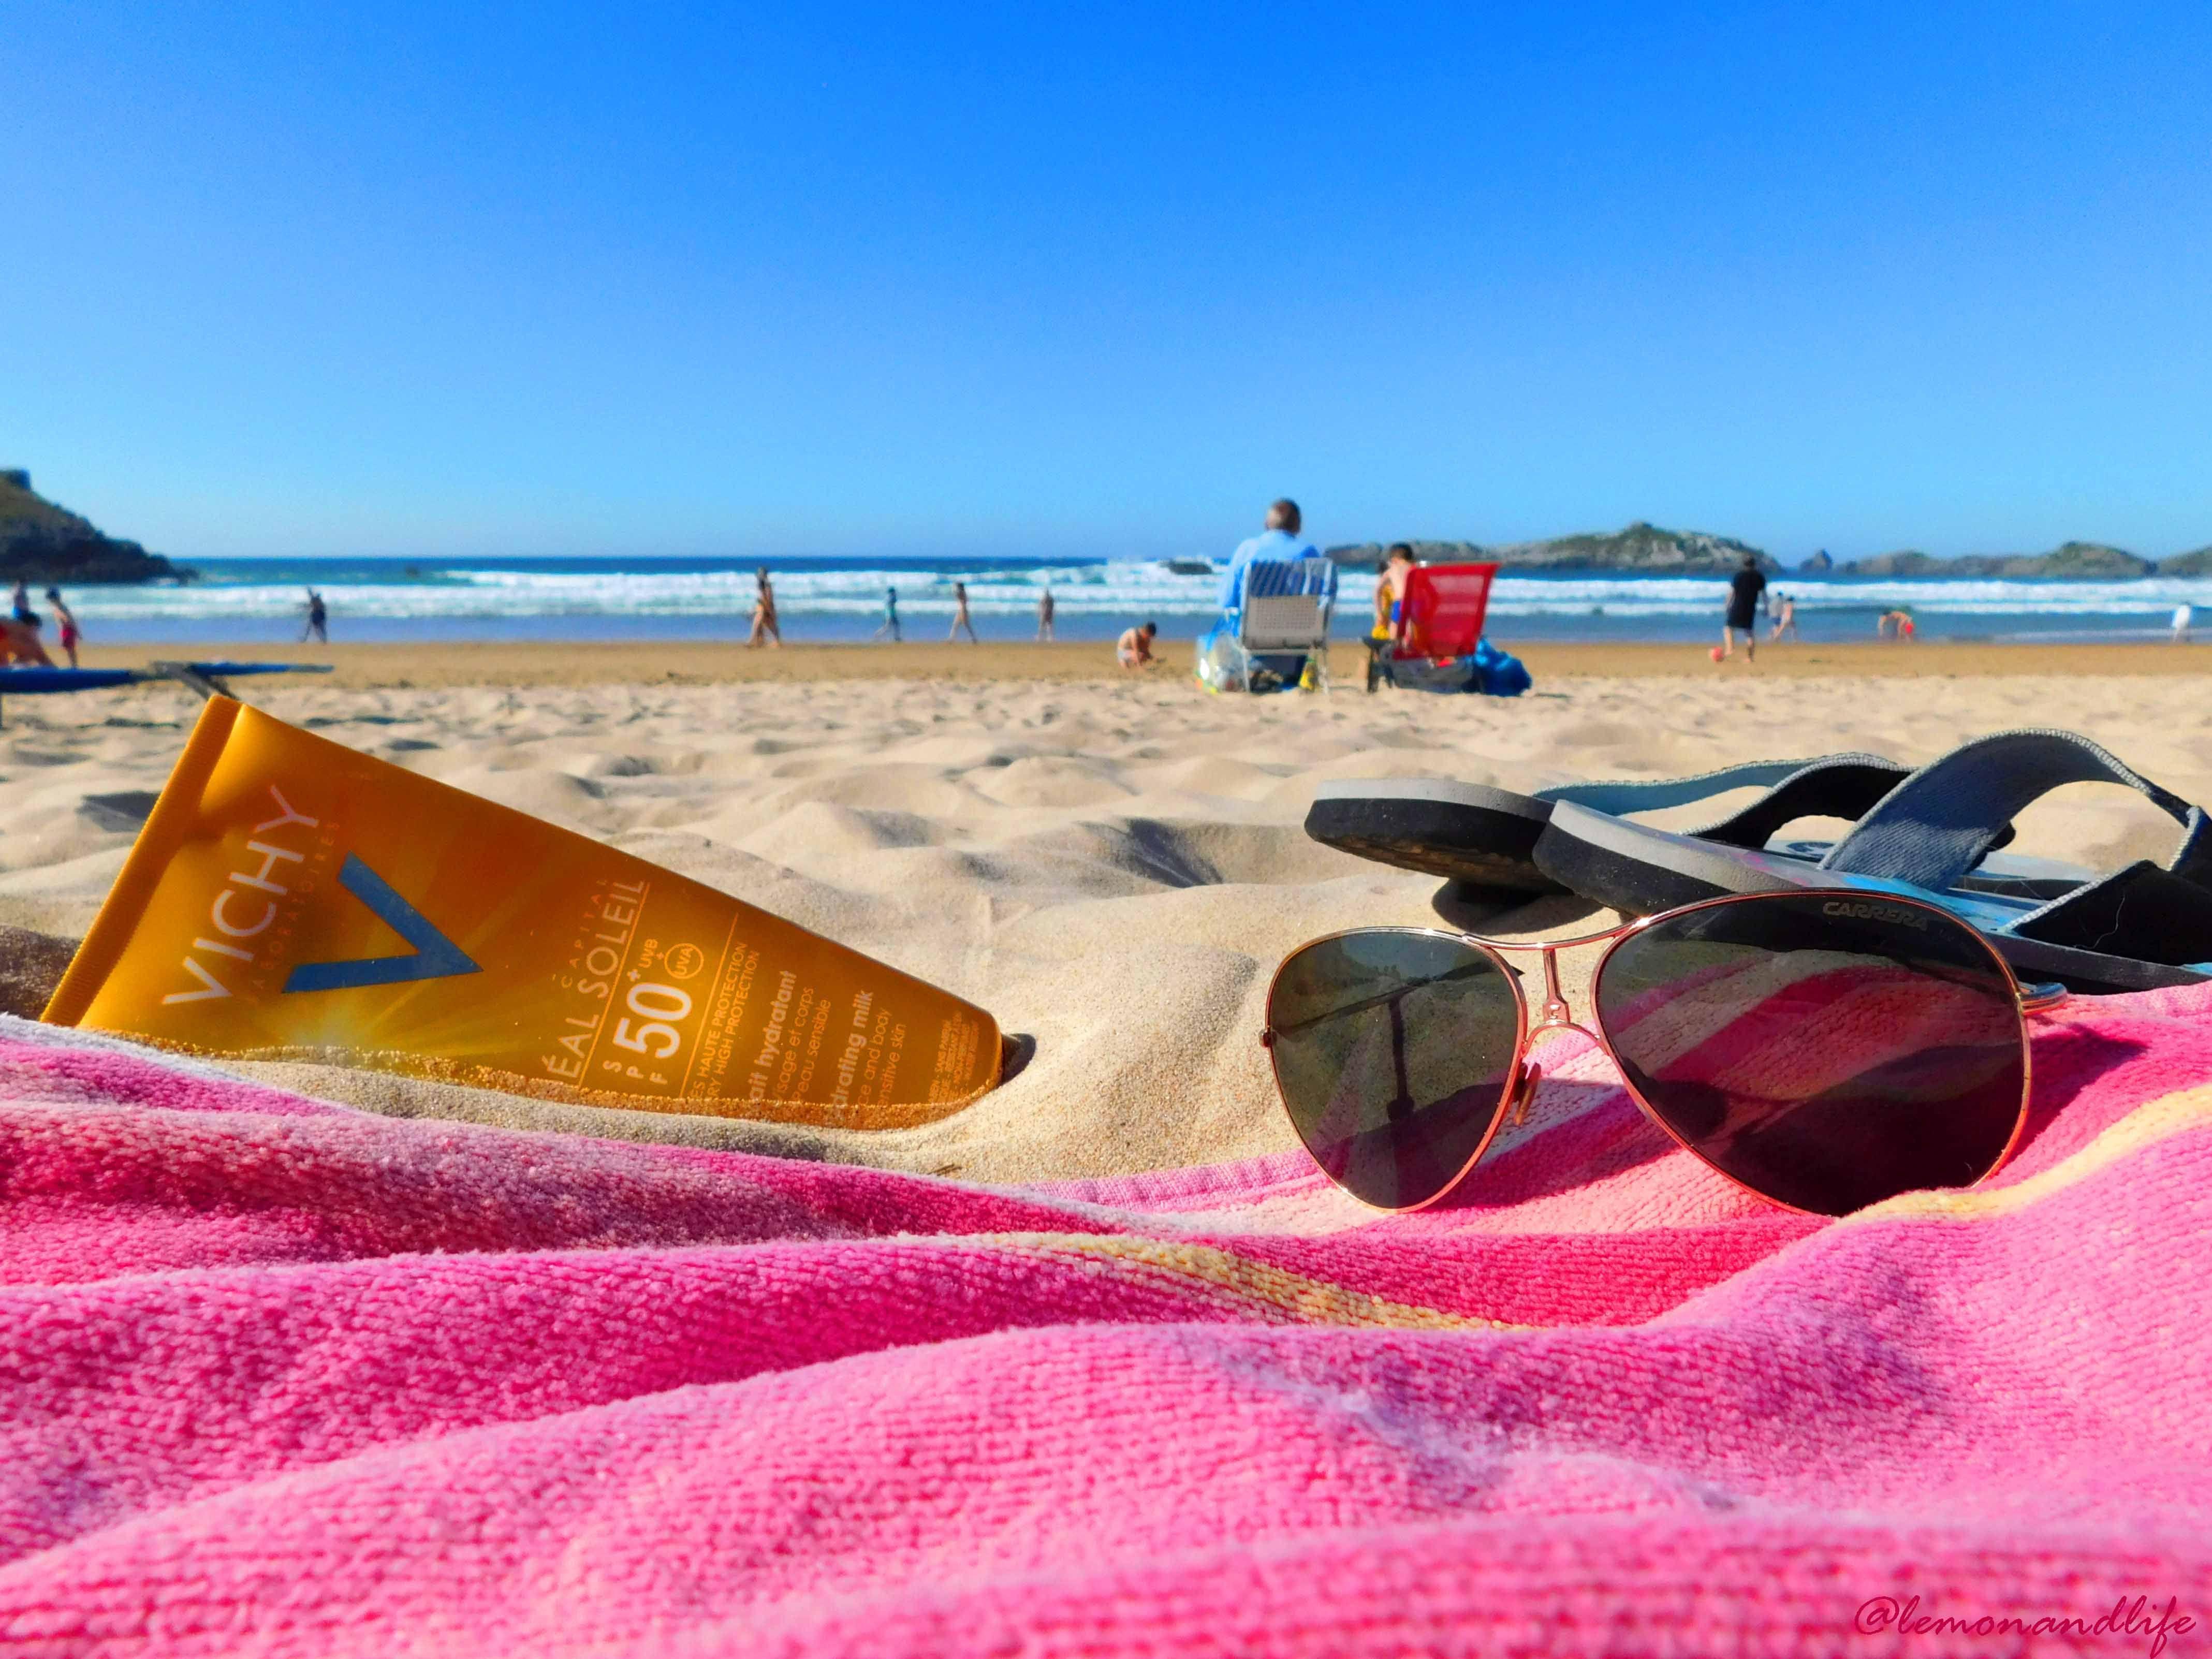 Todo lo que debes saber para prevenir tu piel del envejecimiento prematuro, qué protector solar escoger, cuál es tu spf, qué más puedes hacer…